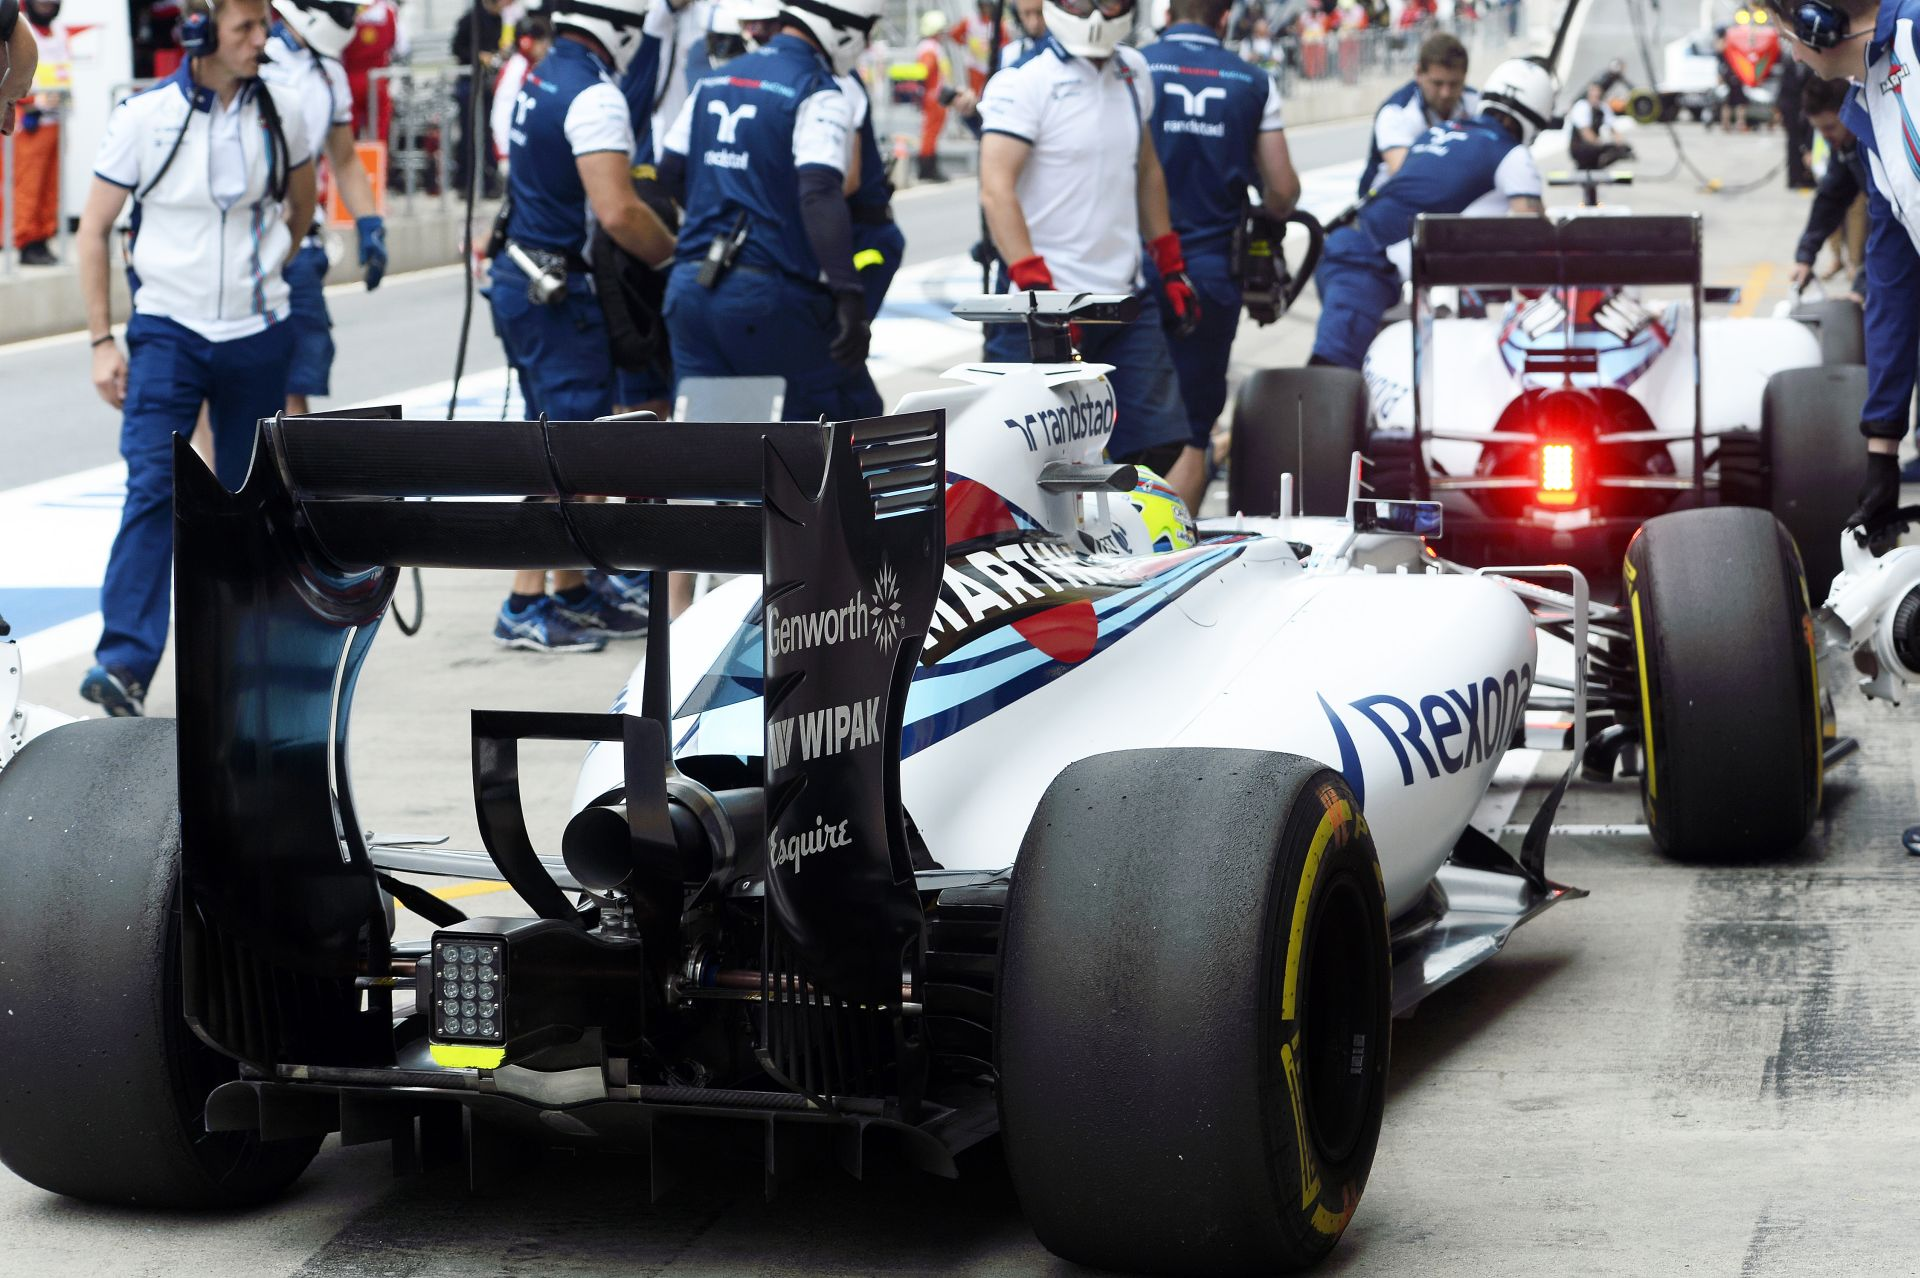 Az FIA legálisnak minősítette a Williams furcsa megoldását